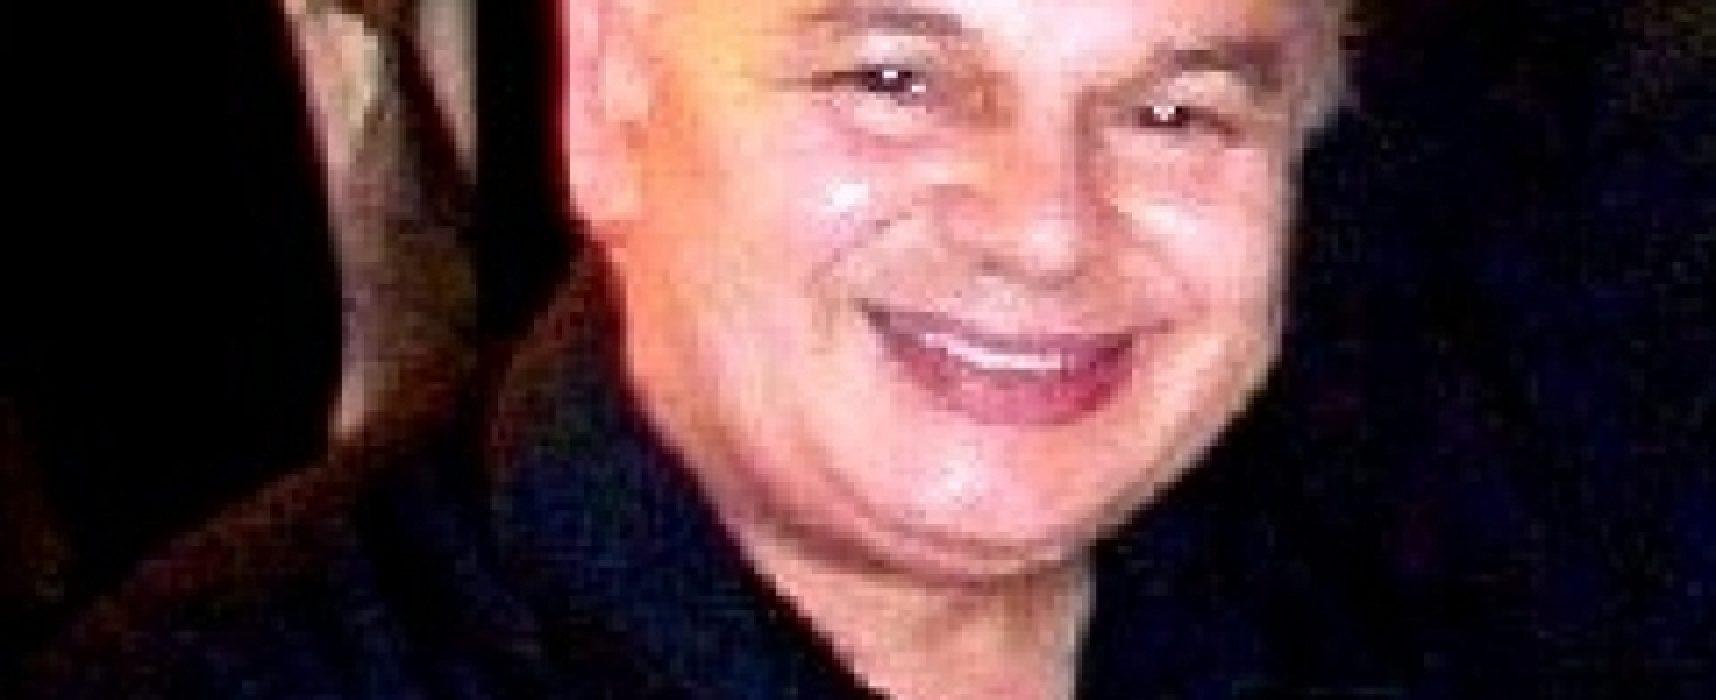 Incontro e celebrazione per ricordare il decimo anniversario della morte di don Pierino Arcieri